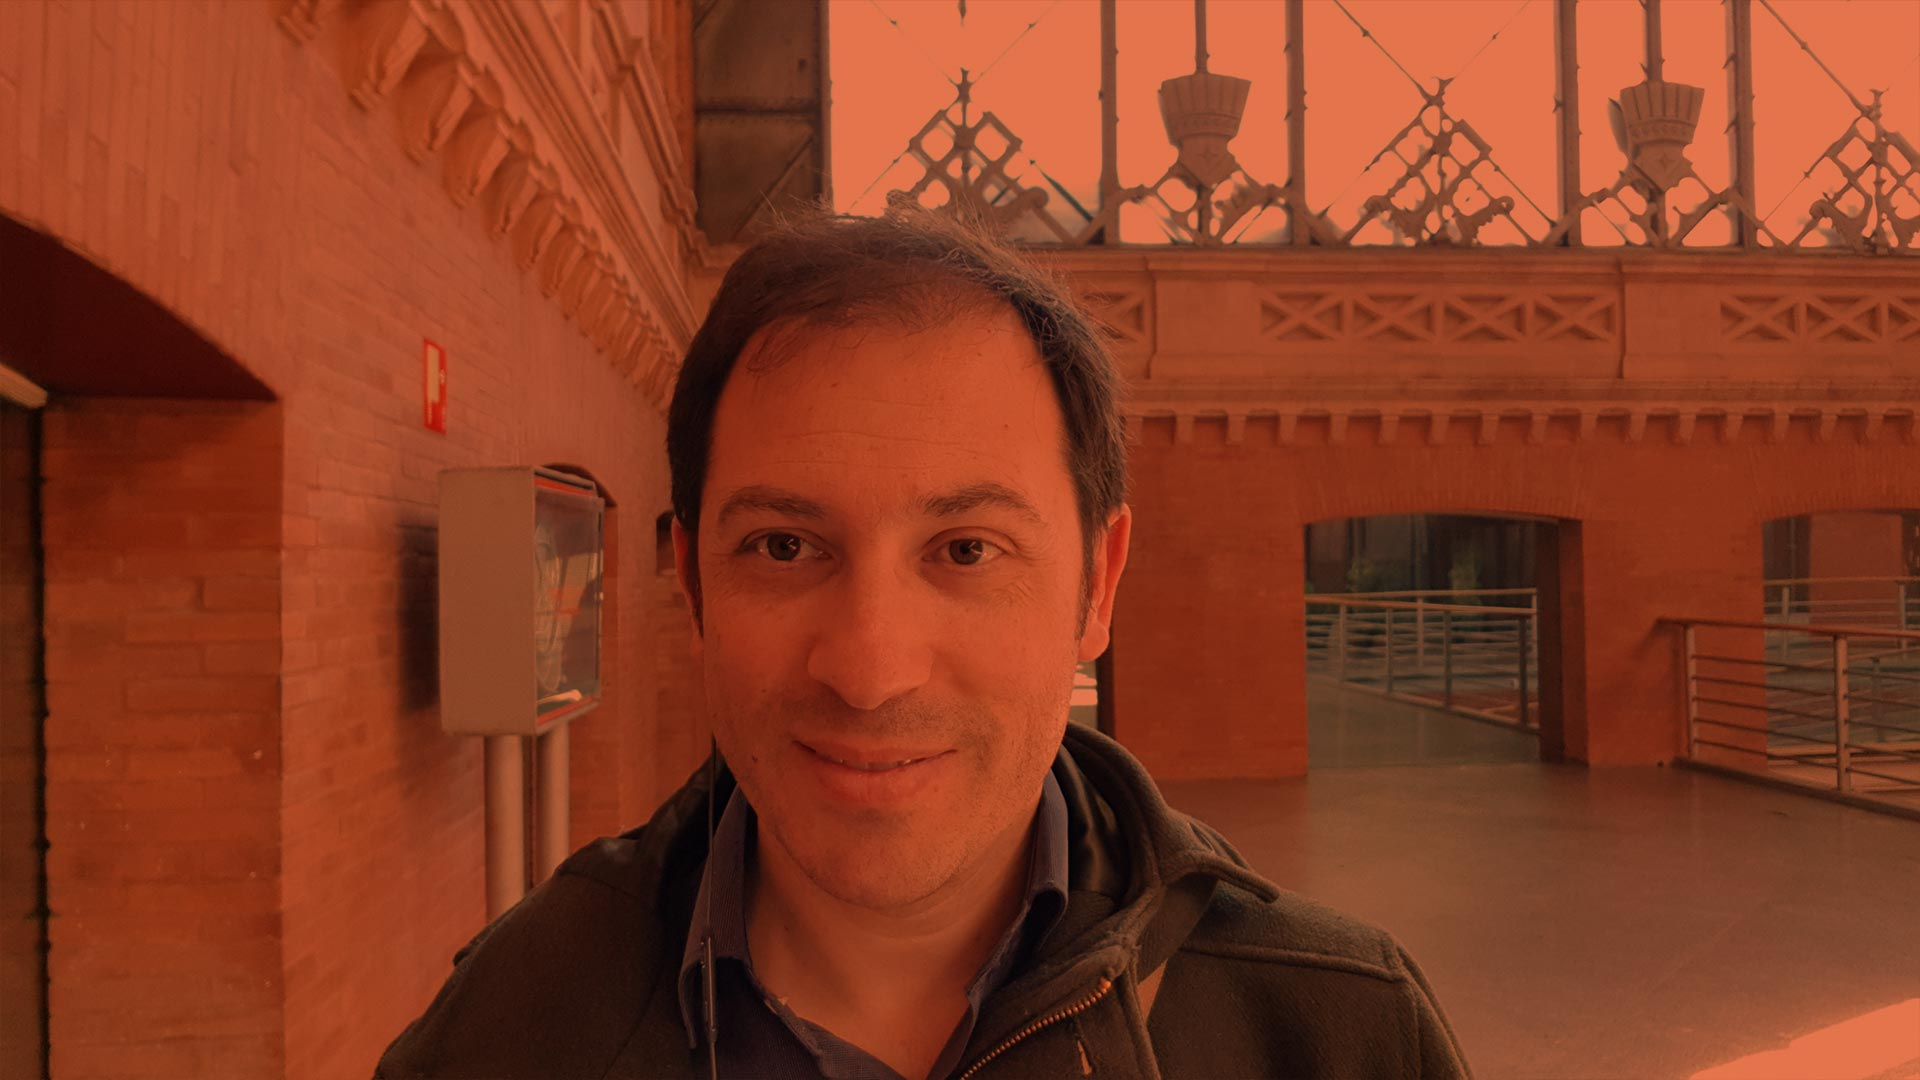 Hector-Robles_Pildoras-Innovacion-Real-245-Cabecera-Blog